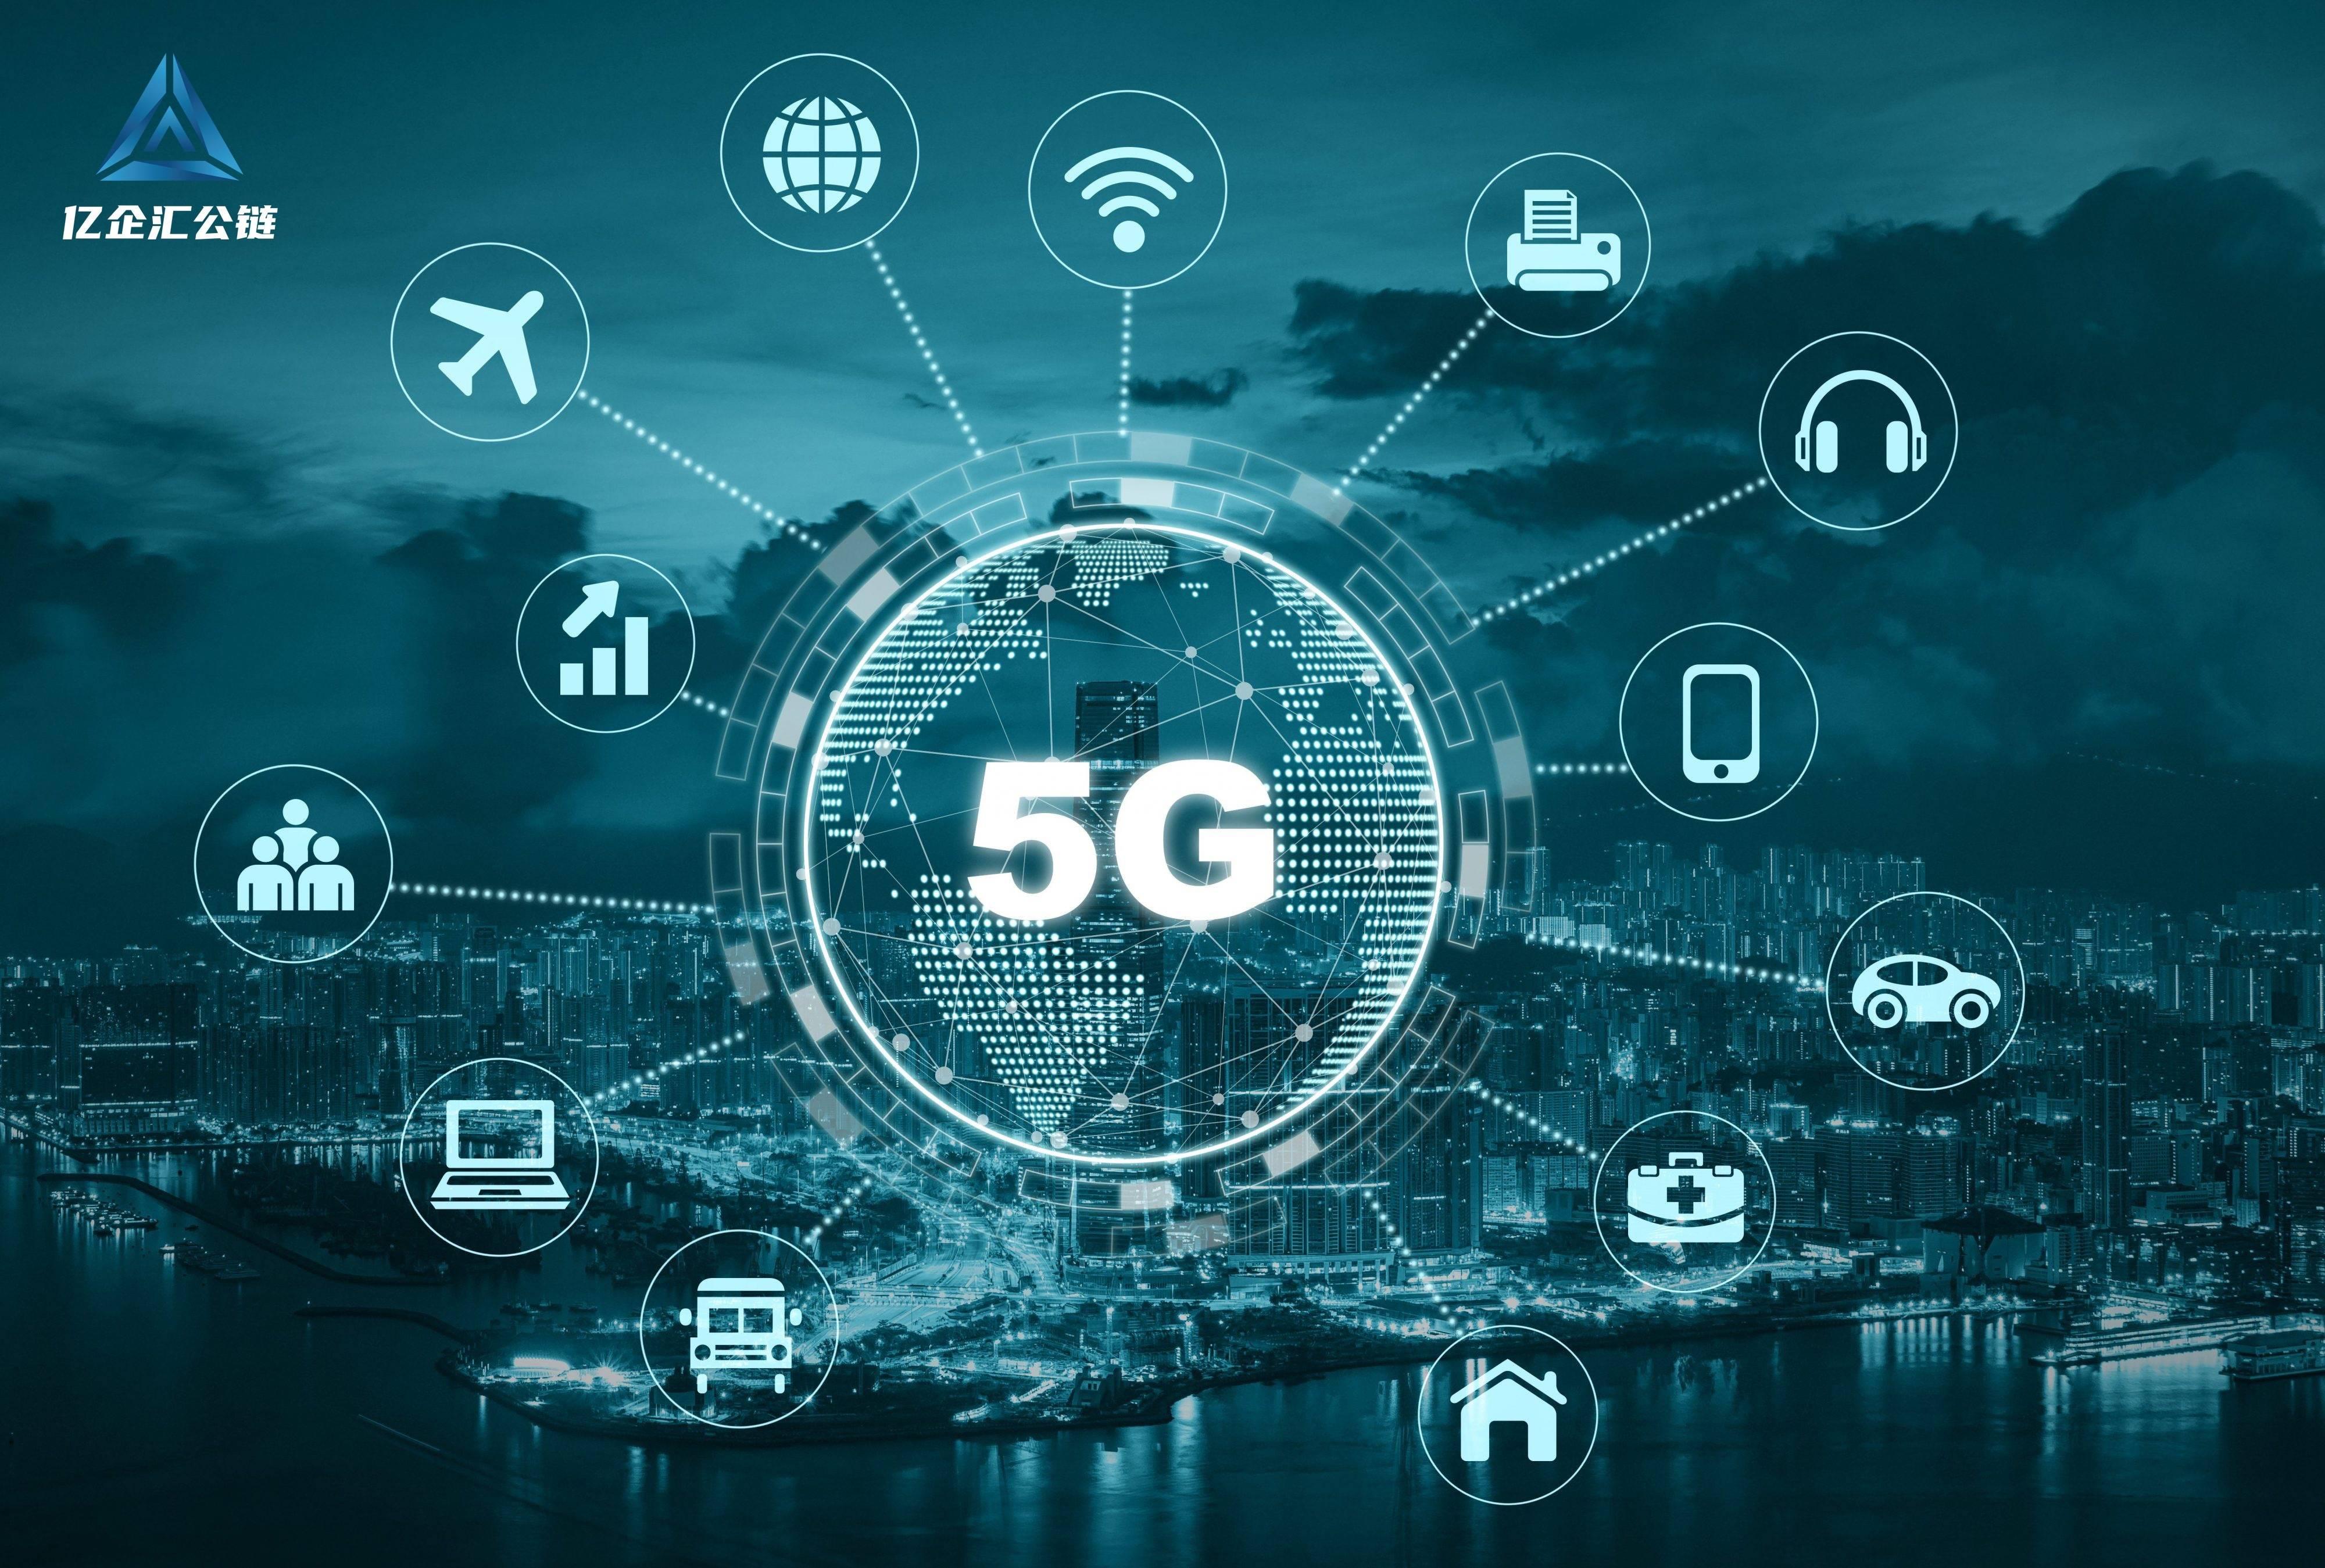 亿企汇公链按下区块链 5G网络发展加速键